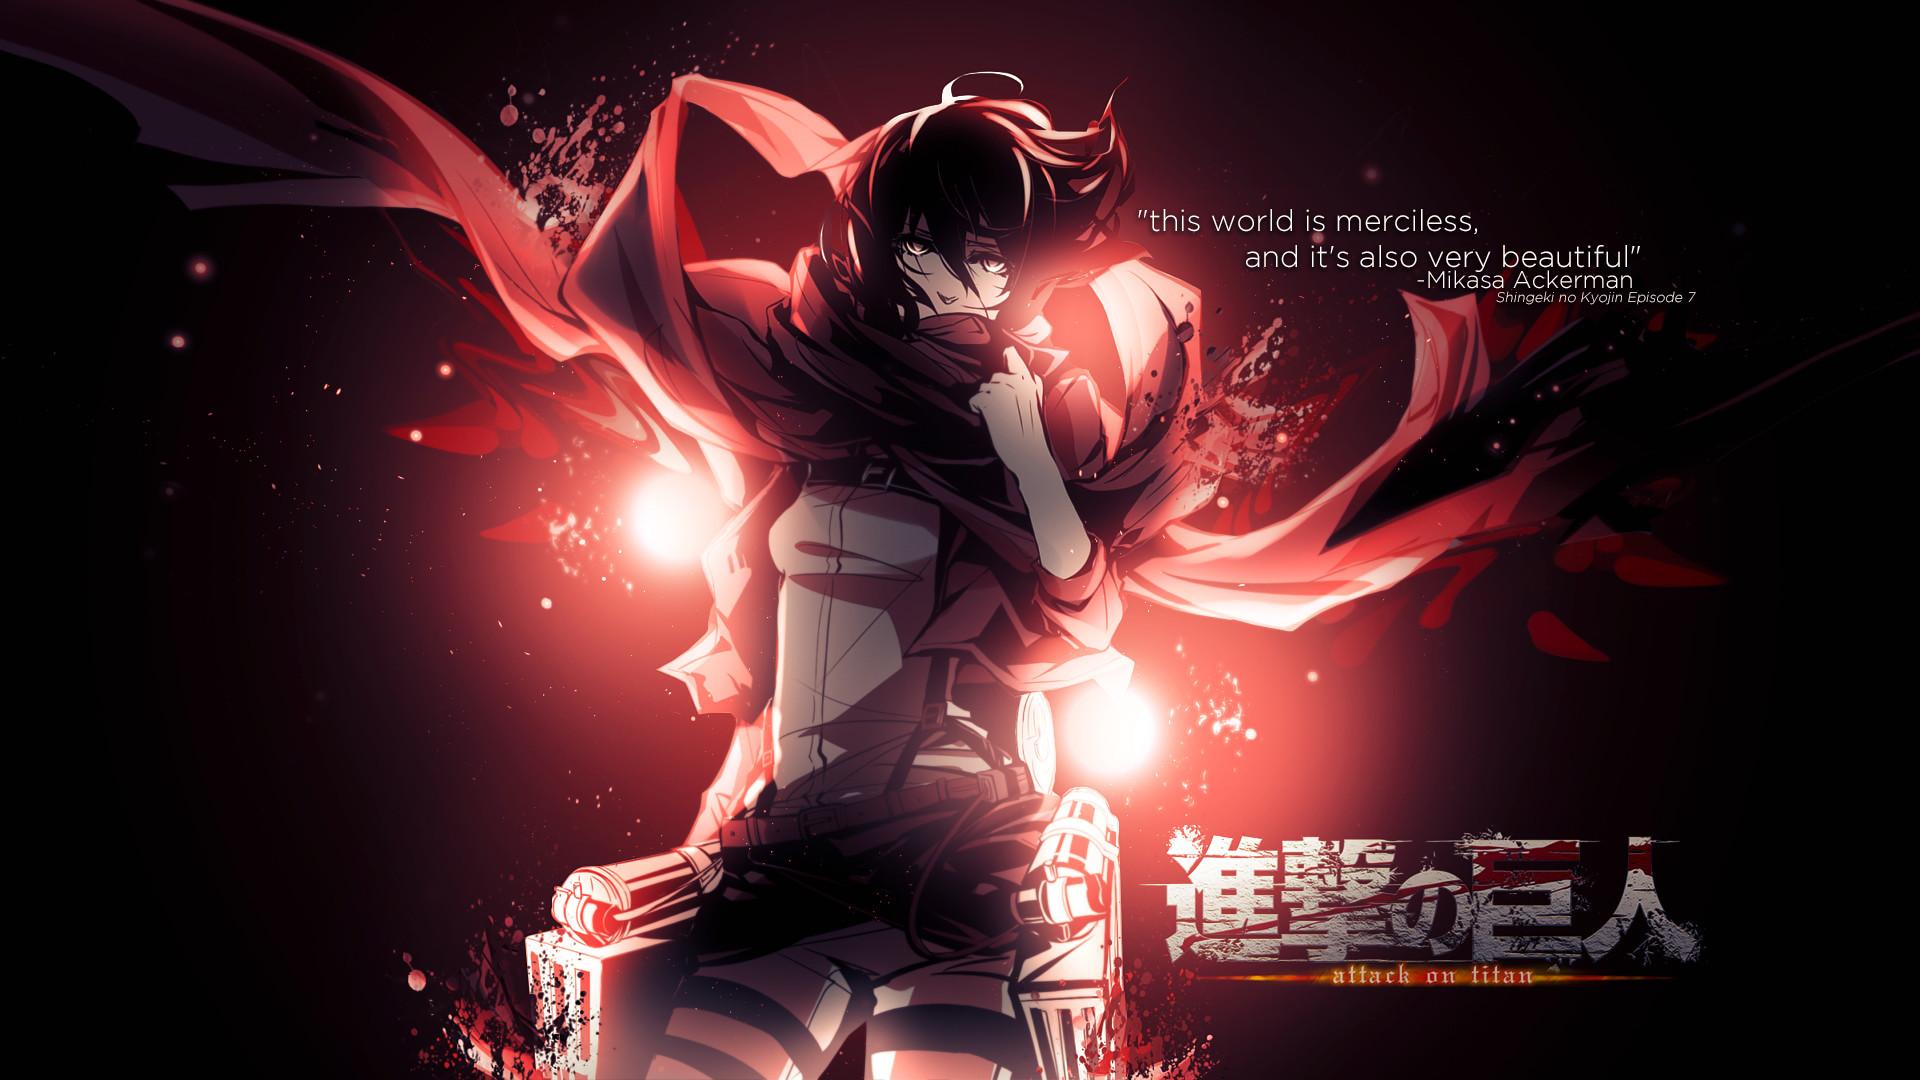 Shingeki no Kyojin (Attack on titan) images Shingeki no Kyojin [Mikasa .